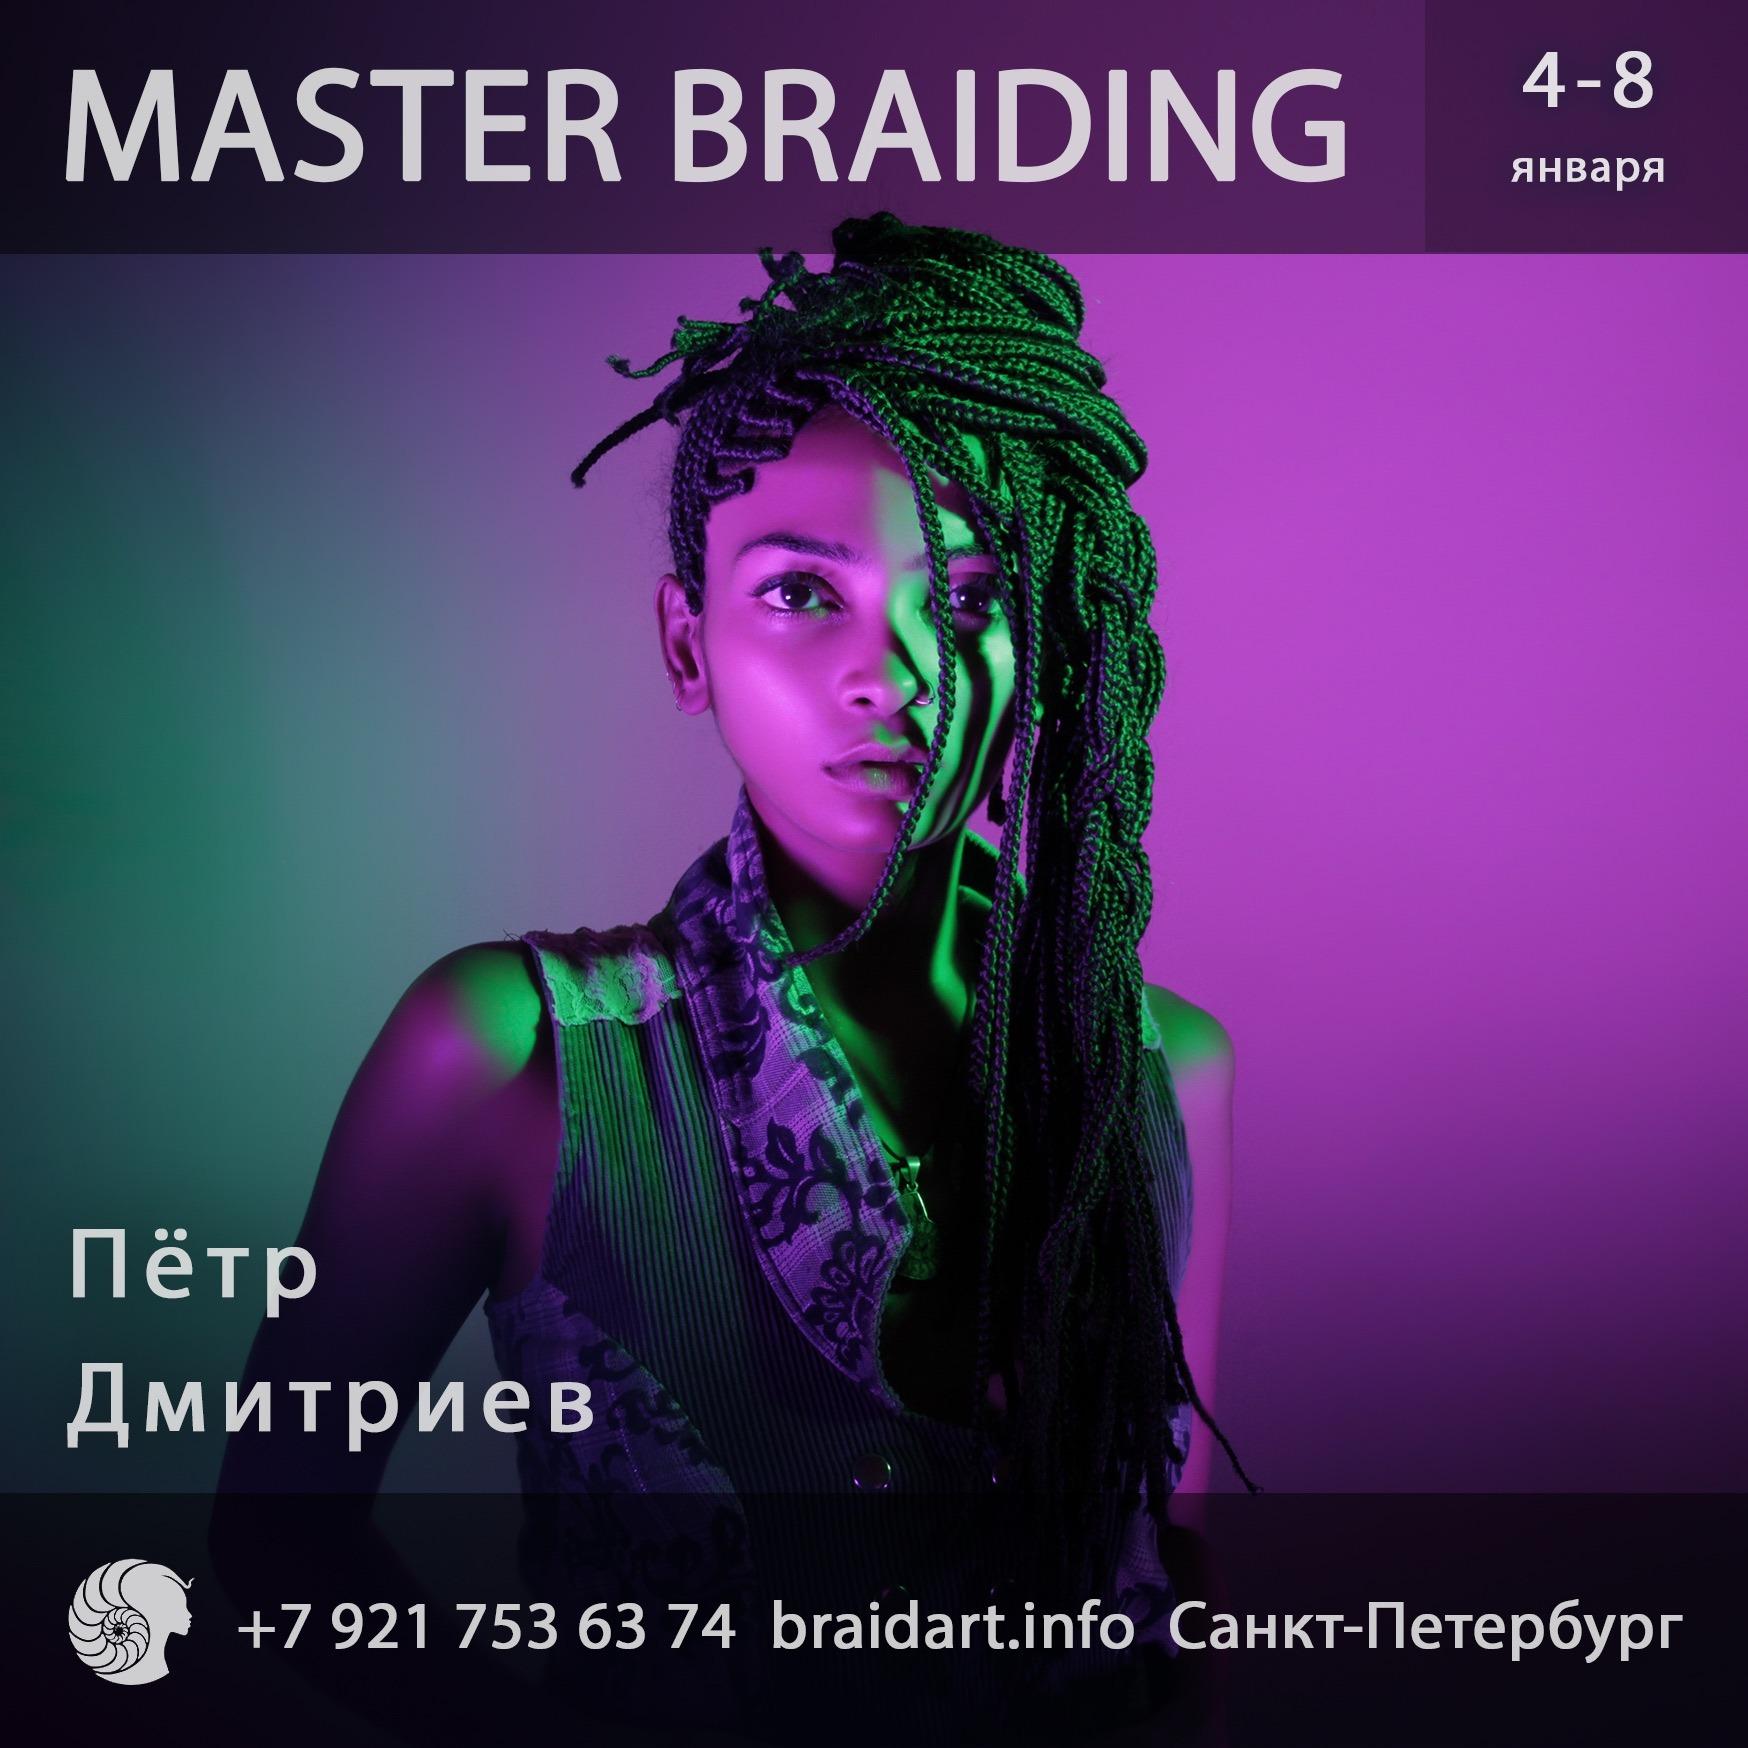 Мастер-класс MASTER BRAIDING 4-8 января, Питер